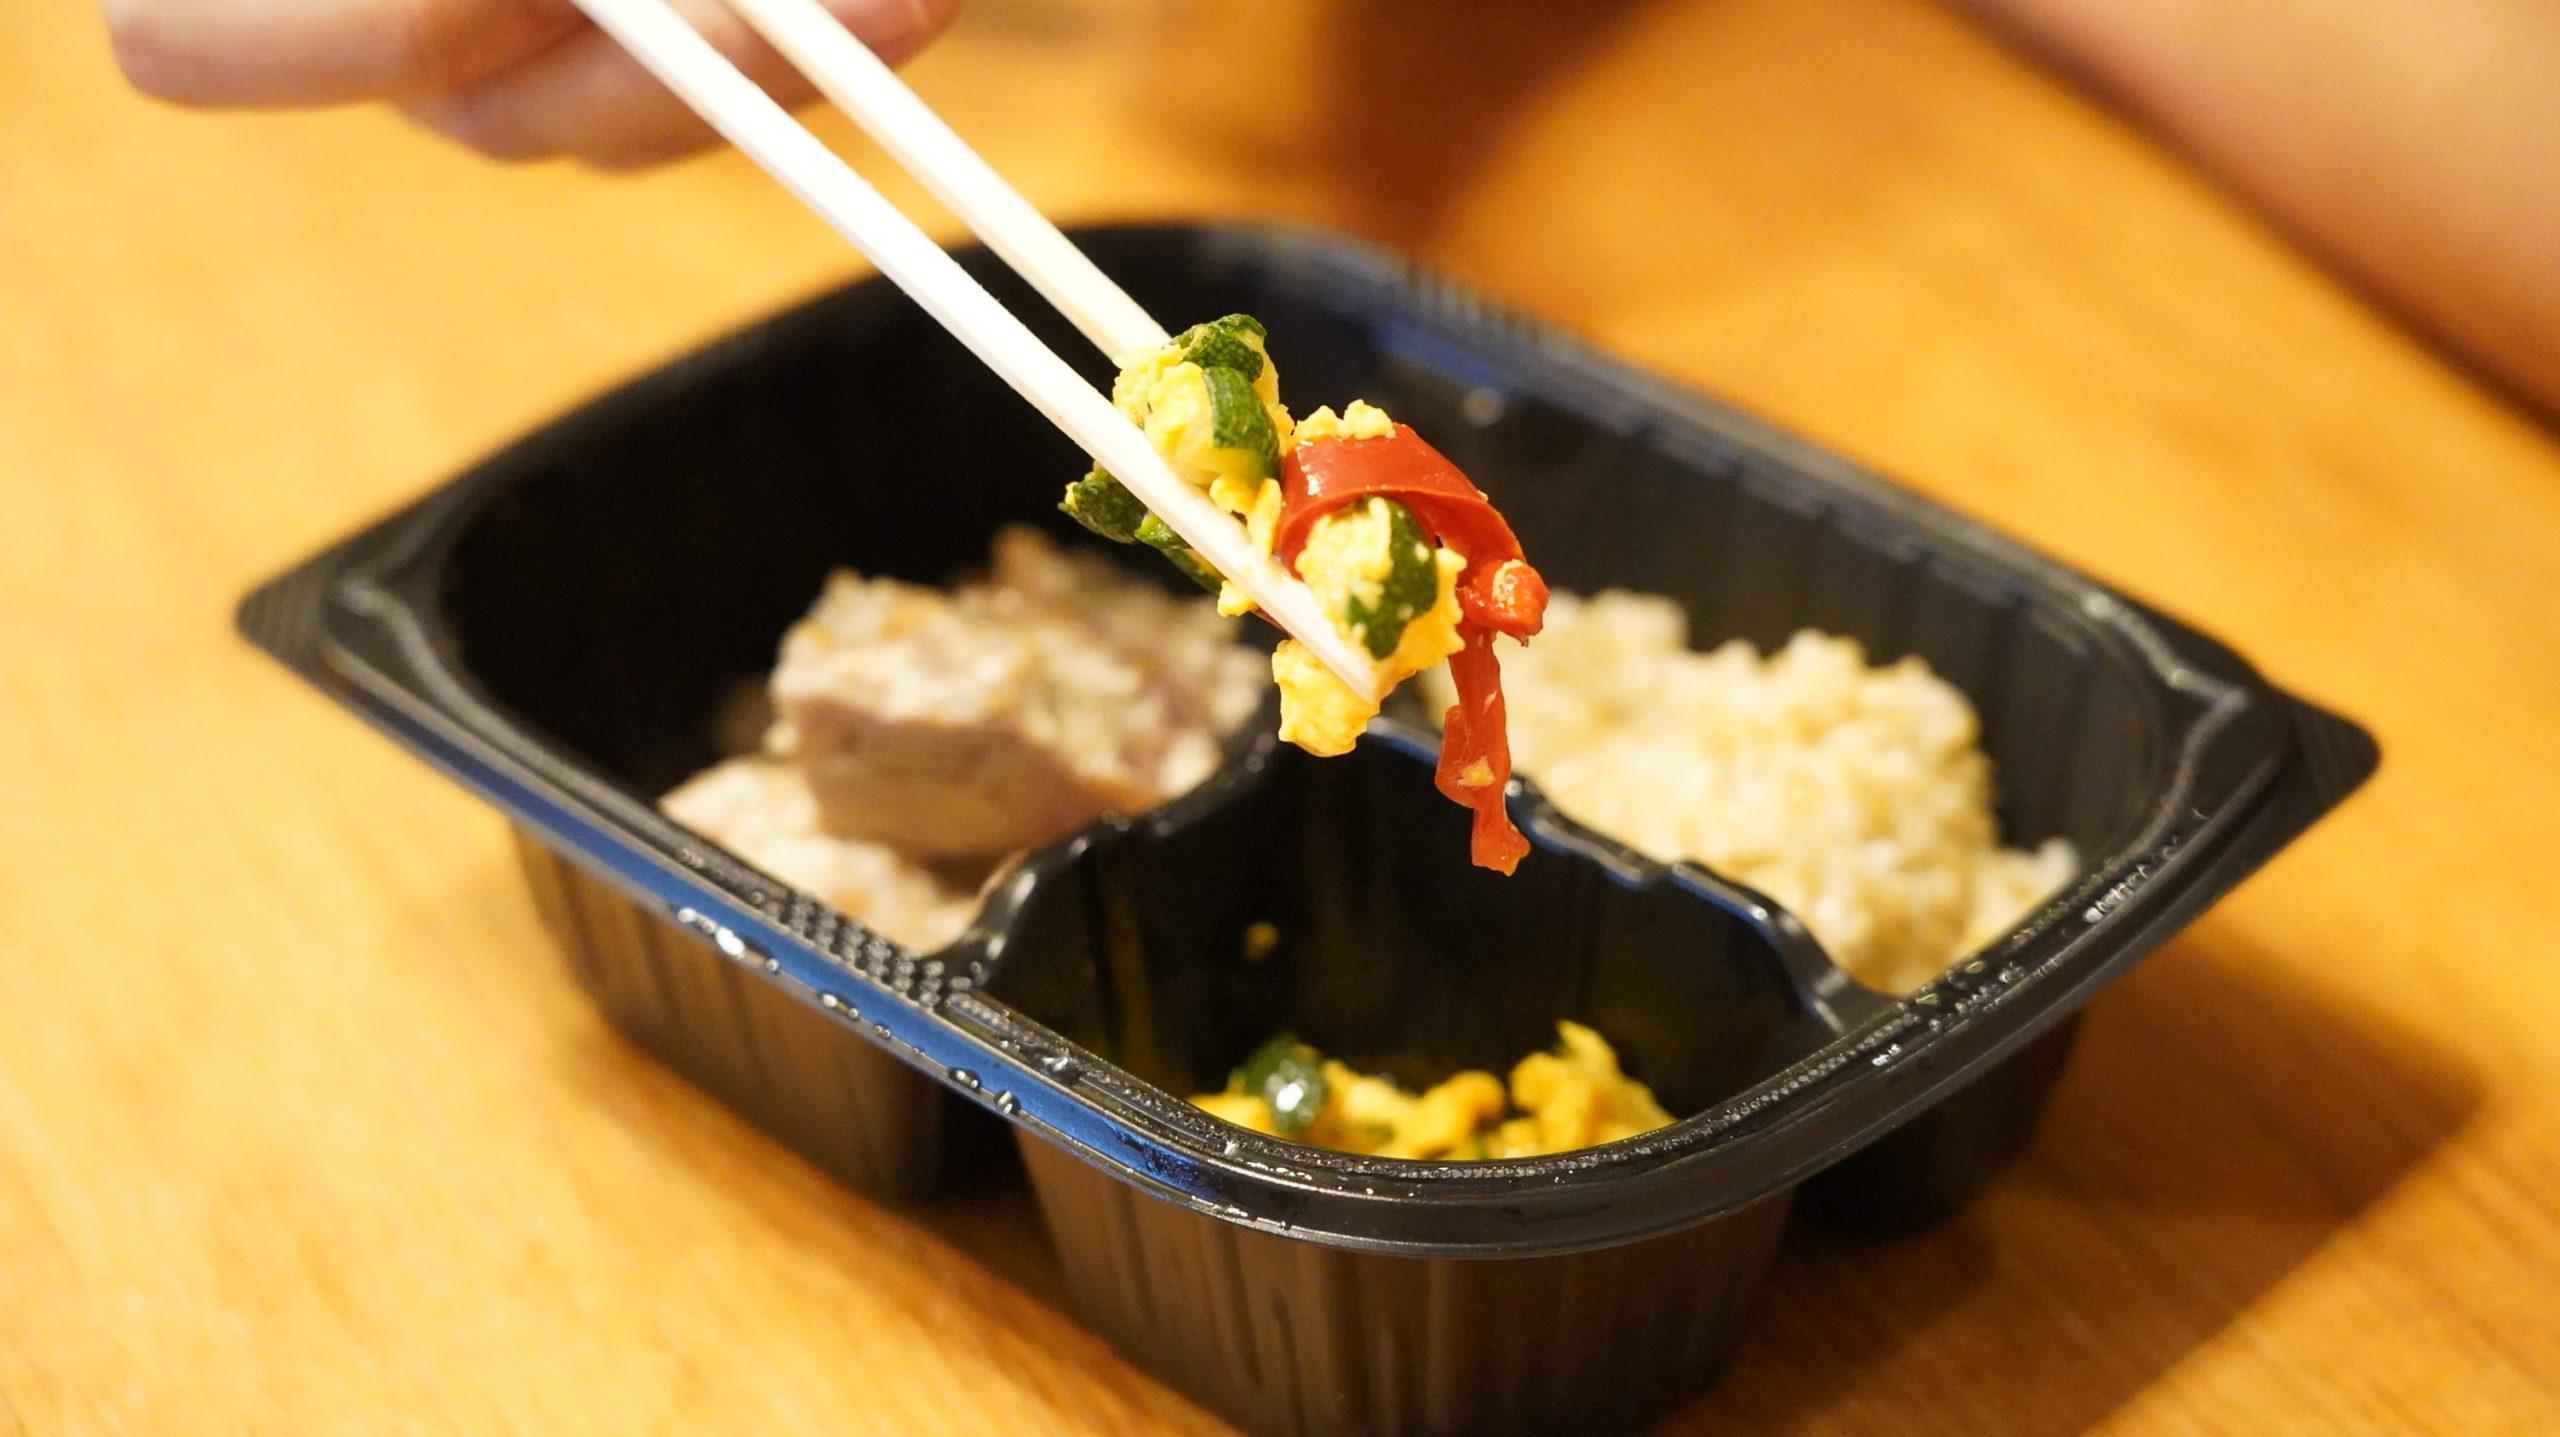 マッスルデリ(Muscle Deli)の鶏肉の塩麹焼きセットの野菜入りスクランブルエッグの写真